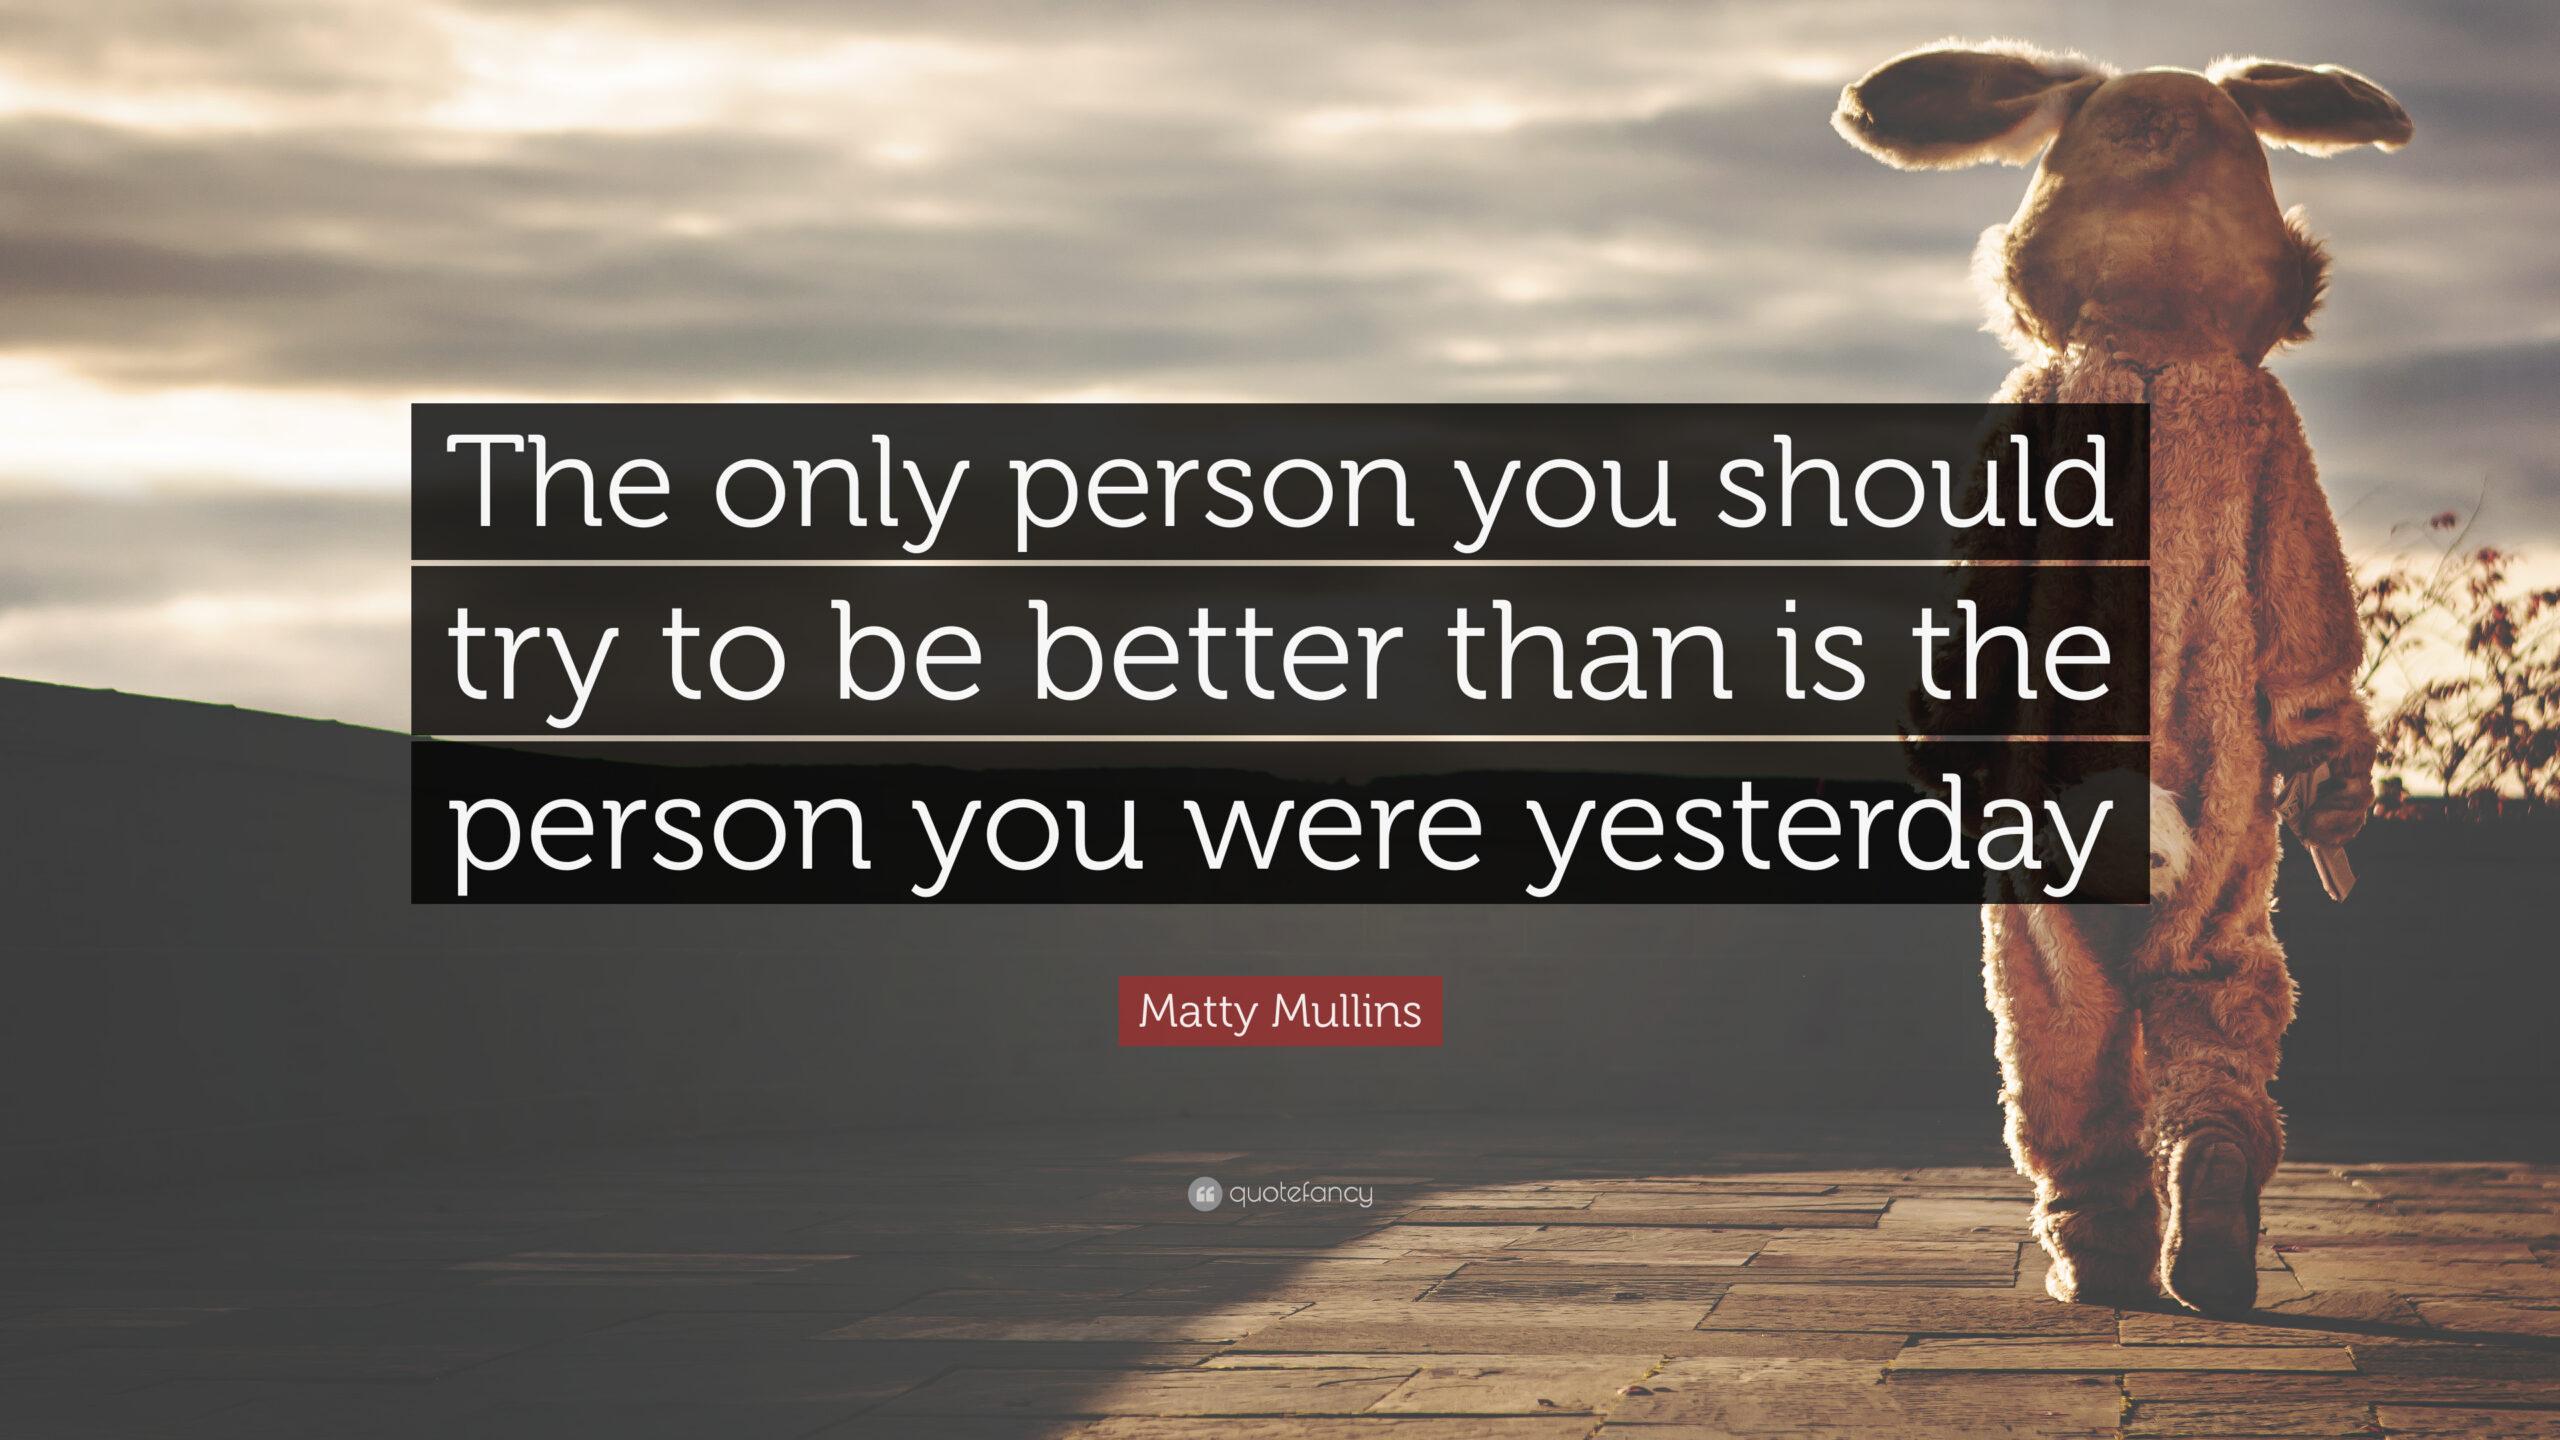 Người mà bạn nên cố gắng để trở nên tốt đẹp hơn chính là bạn của ngày hôm qua.